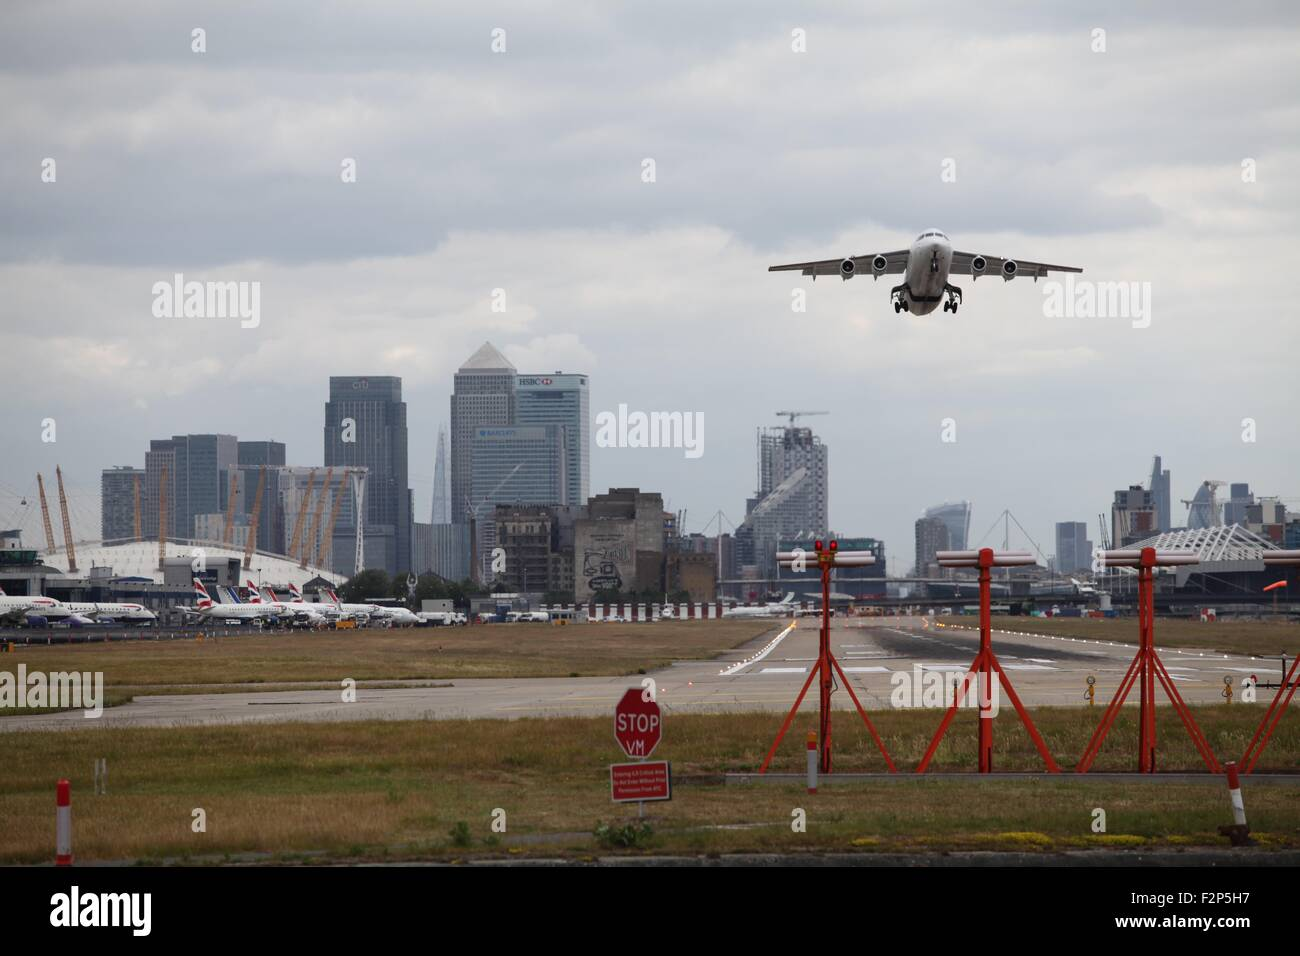 CityJet Bae146 EI-RJT @ LCY London City Airport - Stock Image